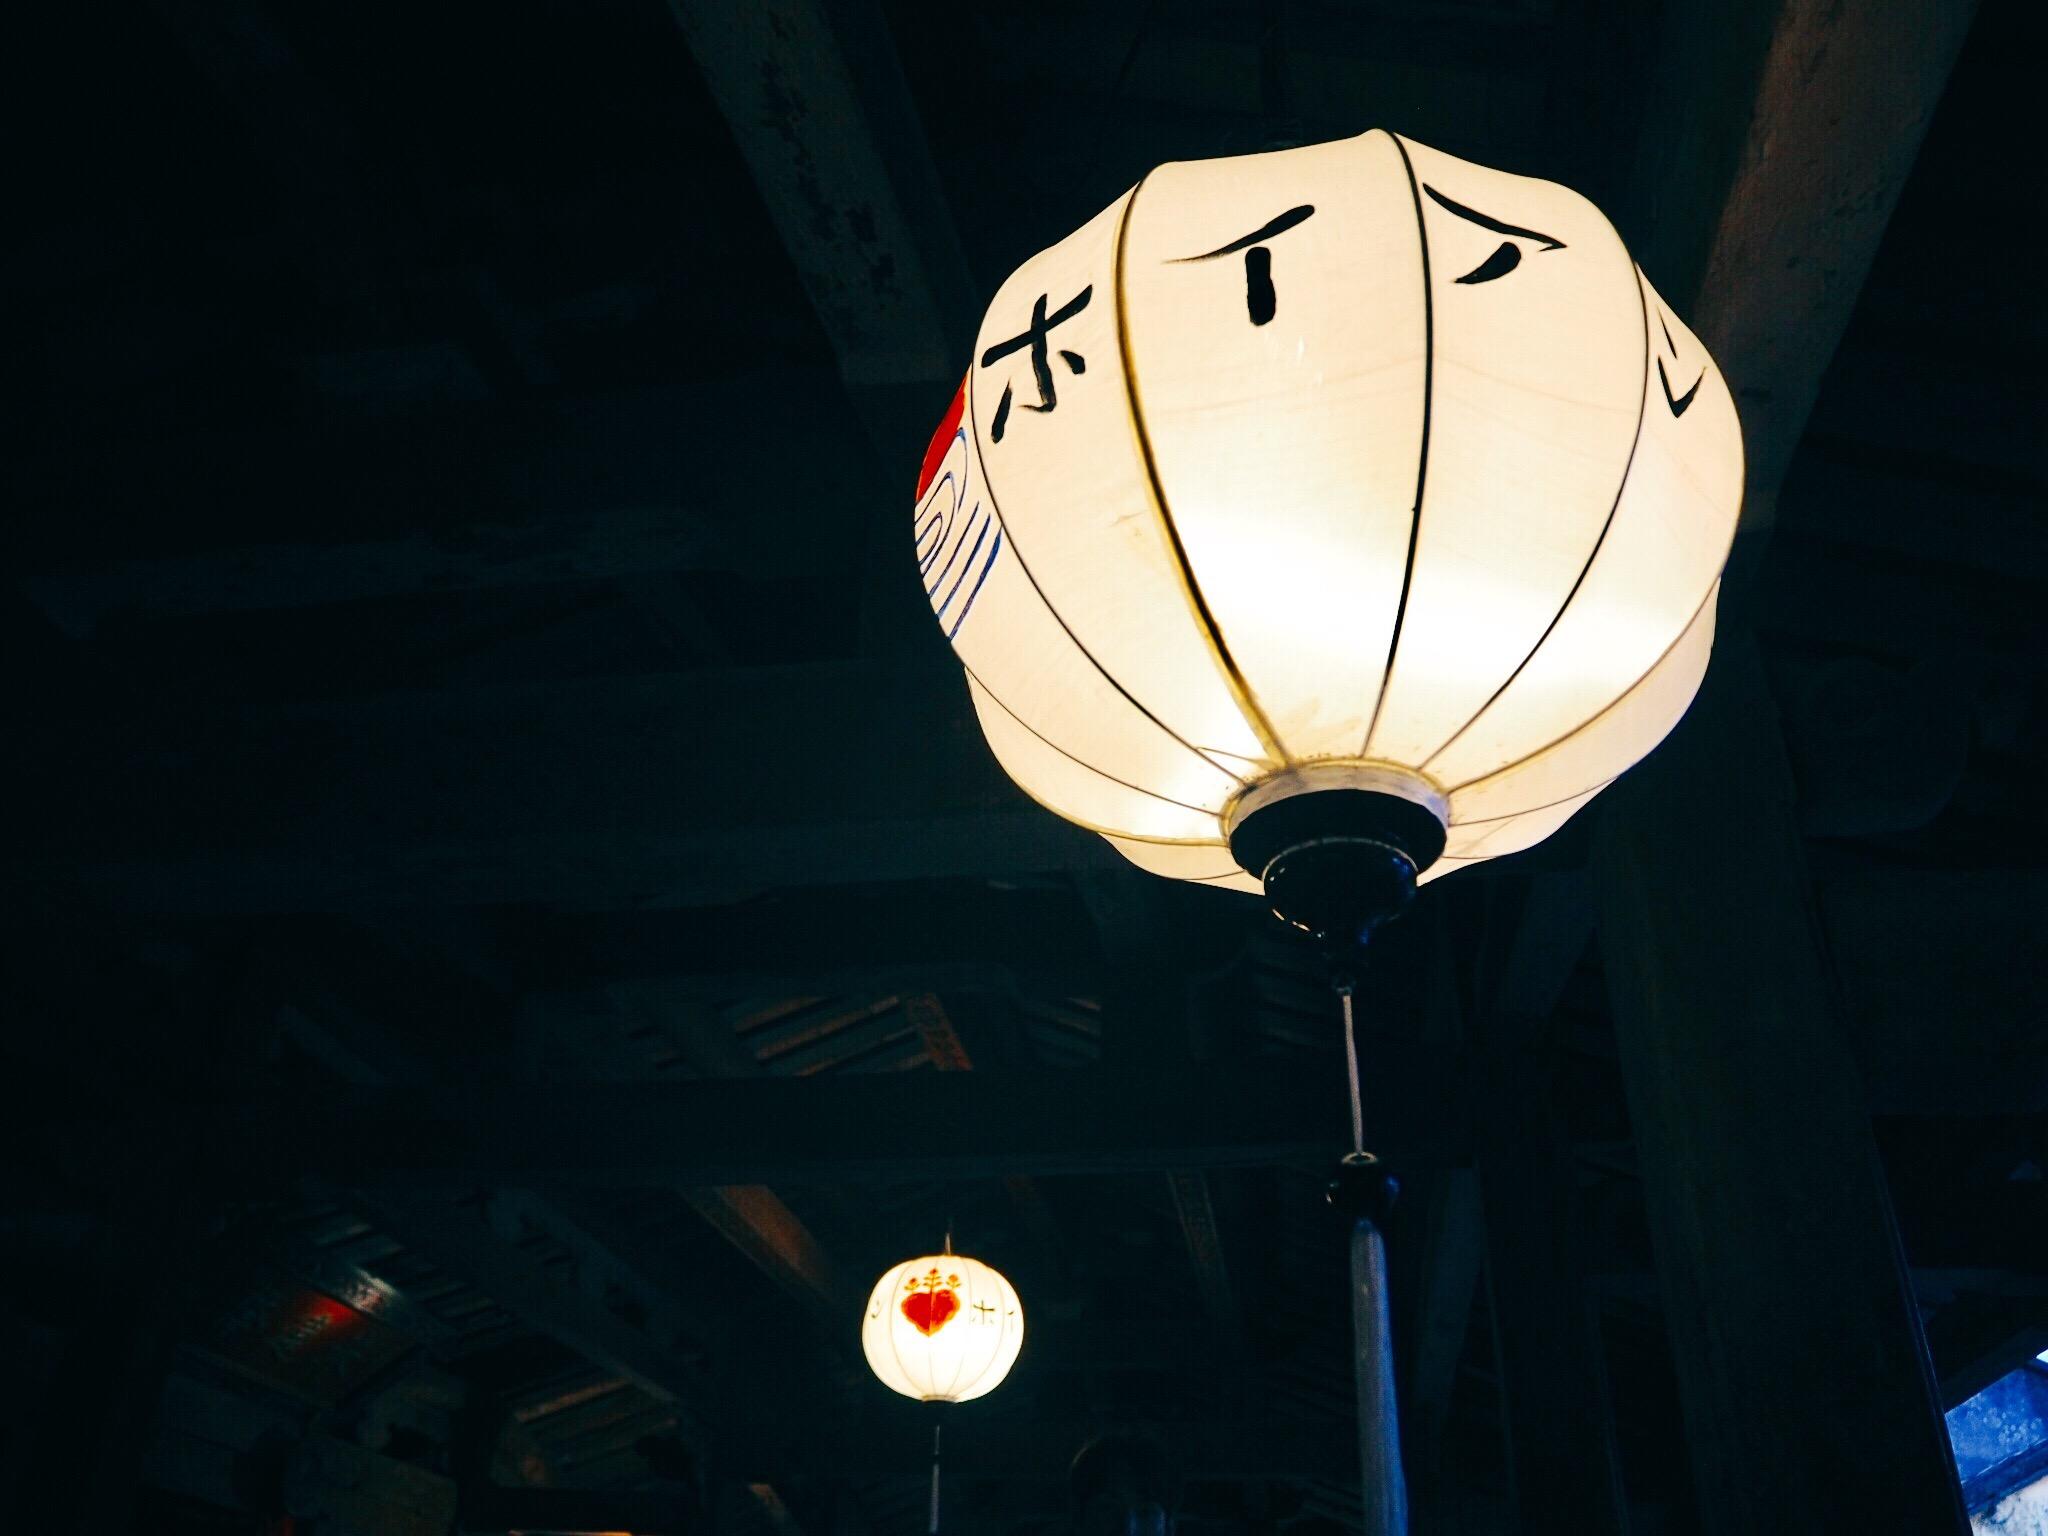 305bae23 0d7b 4323 9ec1 36fdbd417e1f - Hoi An - 夕焼けとランタンの灯。ふと恋に落ちたノスタルジックな街ホイアン